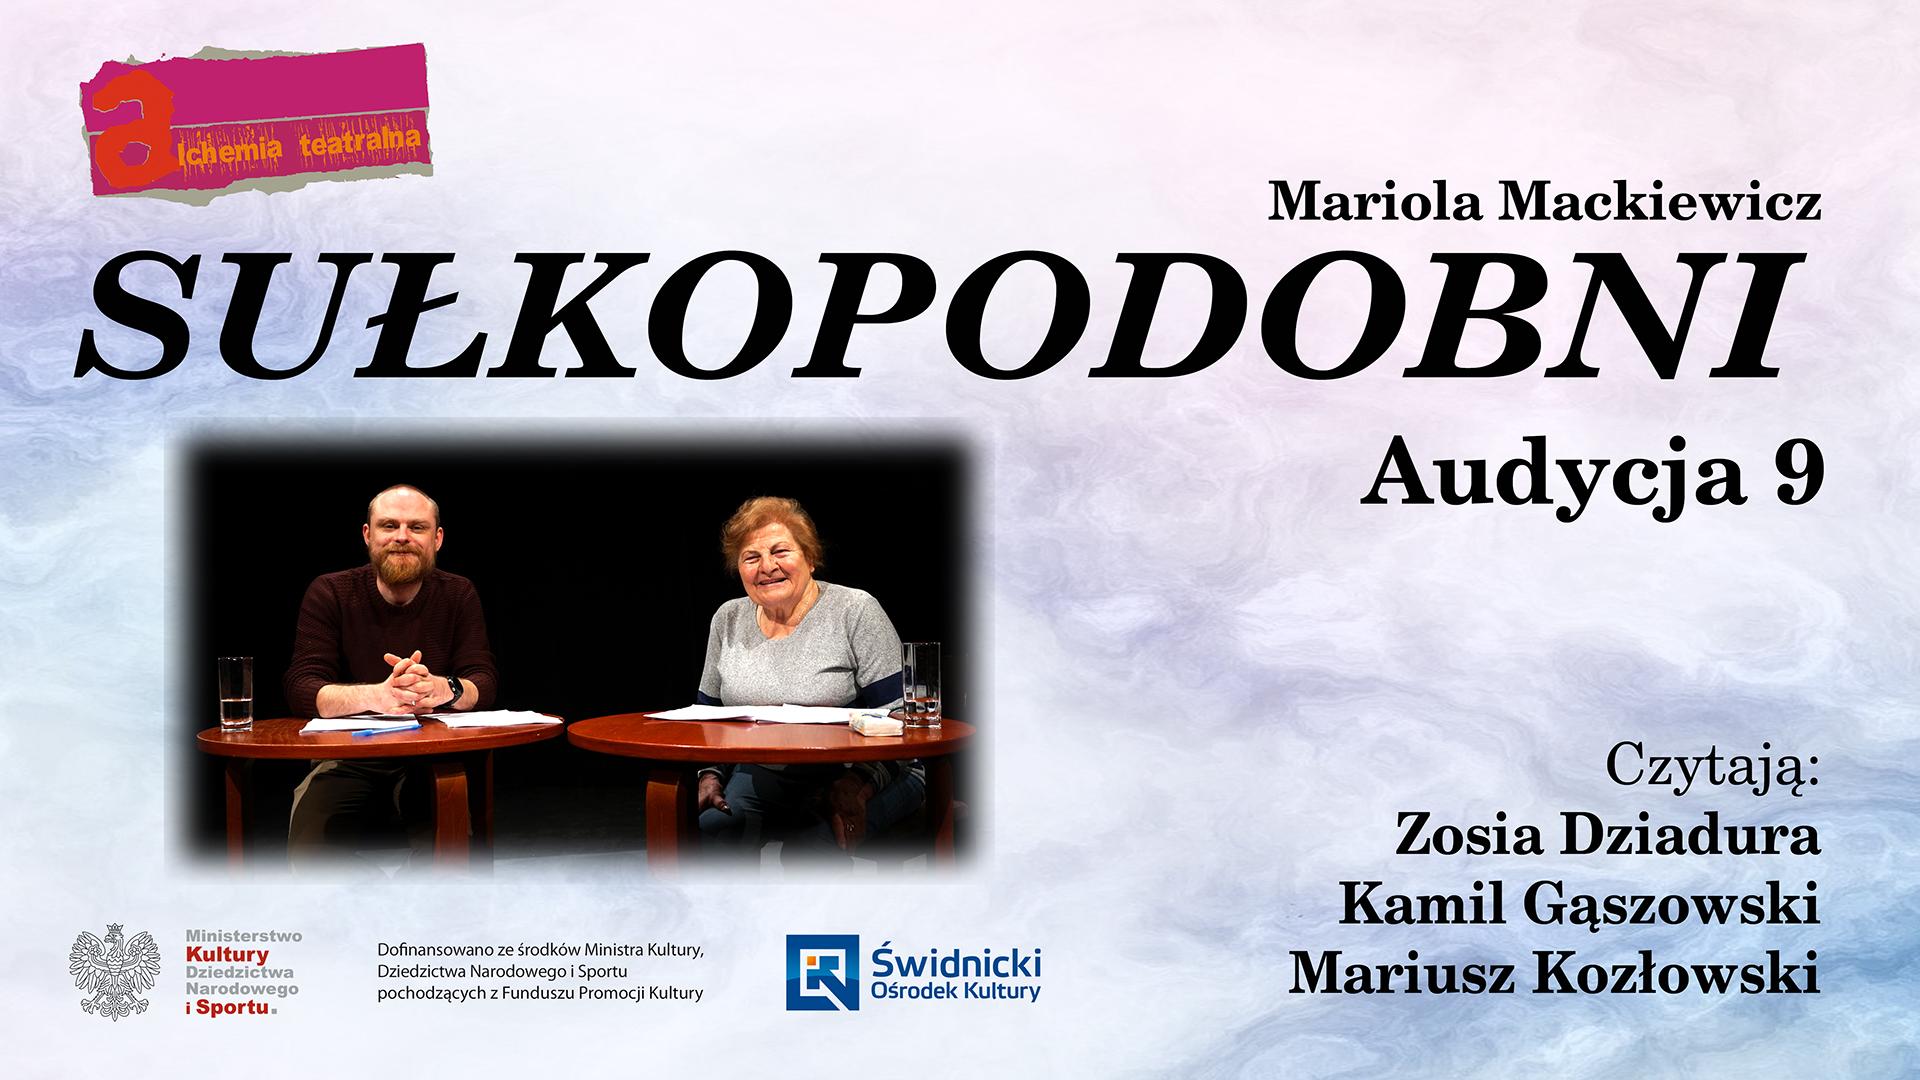 Zofia Dziadura i Kamil Gąszowski przy stoliku nad nimi napis Sułkopodobni